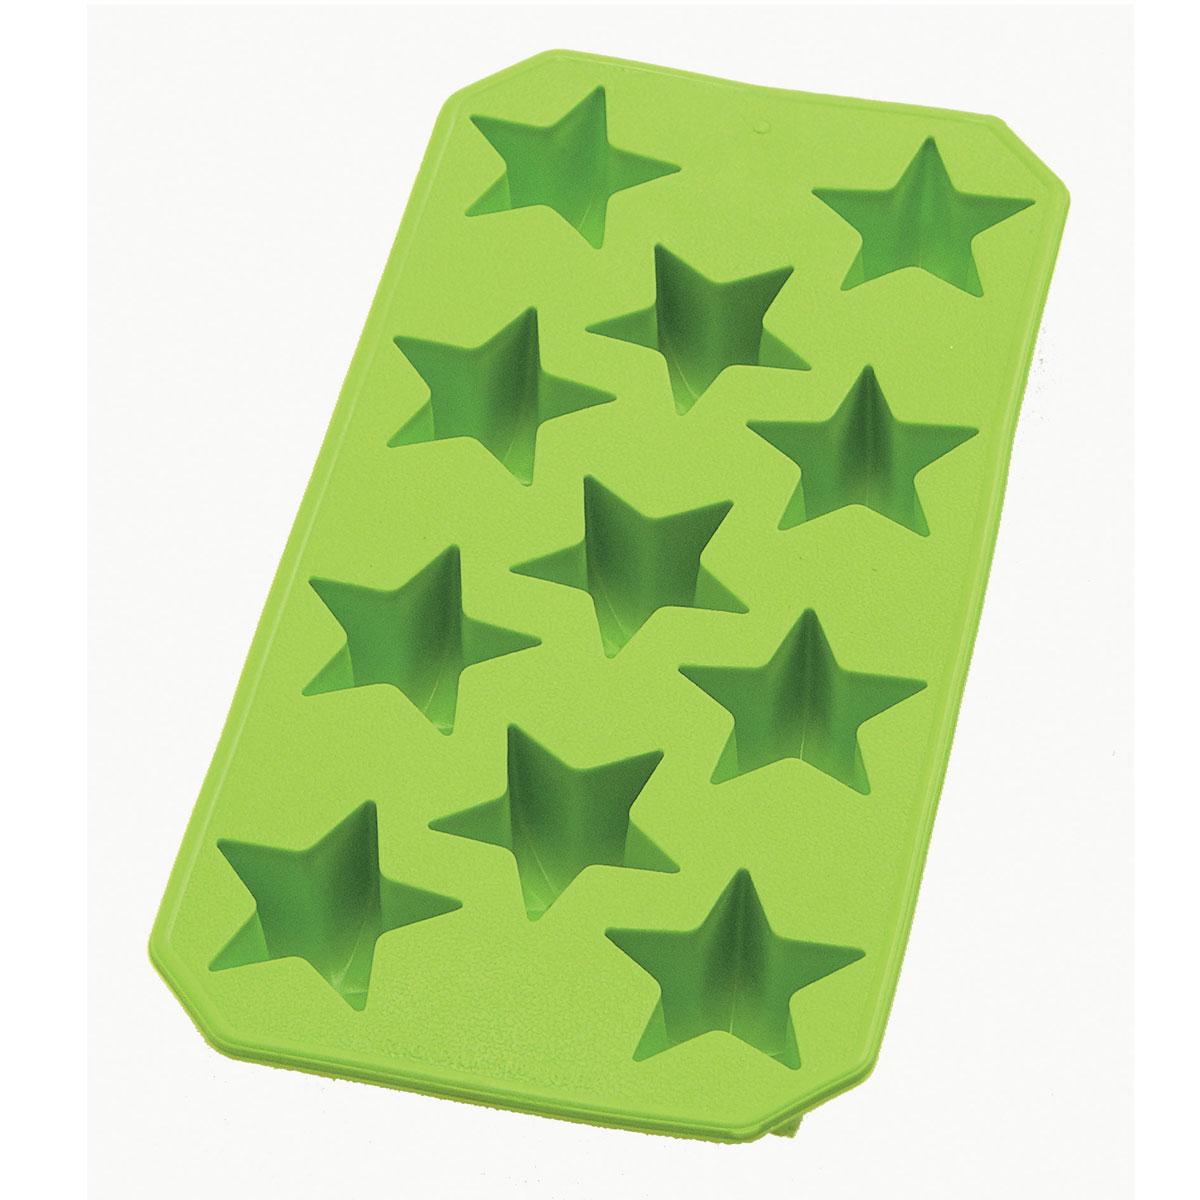 Форма для льда Lekue Звезды, цвет: зеленый, 11 ячеек0851400V02C049Форма для льда Lekue Звезды выполнена из силикона зеленого цвета. На одном листе расположено 11 формочек в виде звезд. Благодаря тому, что формочки изготовлены из силикона, готовый лед вынимать легко и просто. Чтобы достать льдинки, эту форму не нужно держать под теплой водой или использовать нож.Теперь на смену традиционным квадратным пришли новые оригинальные формы для приготовления фигурного льда, которыми можно не только охладить, но и украсить любой напиток. В формочки при заморозке воды можно помещать ягодки, такие льдинки не только оживят коктейль, но и добавят радостного настроения гостям на празднике!